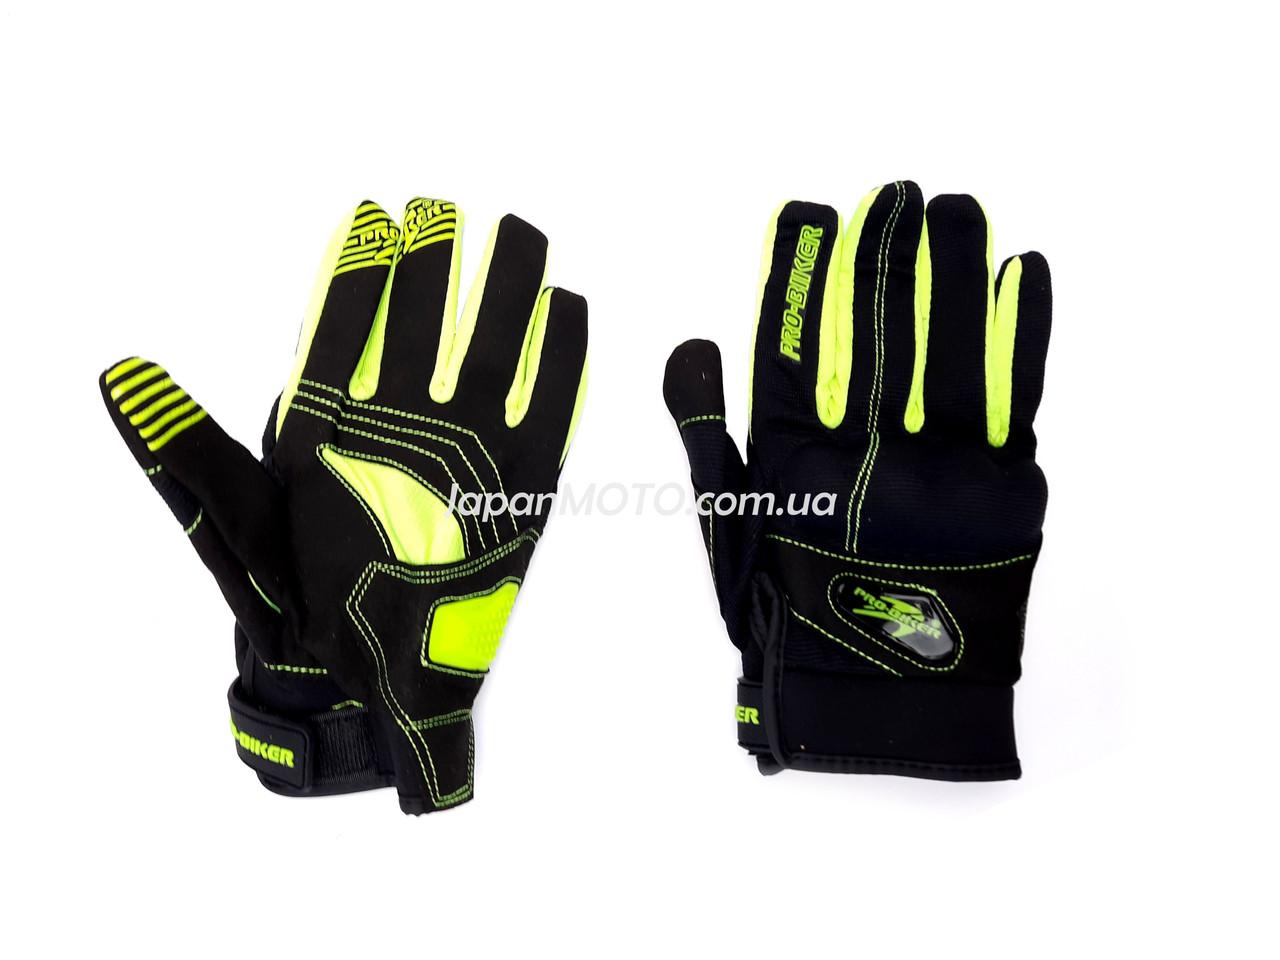 Перчатки PRO BIKER MCS-48 (size: XL, зеленые)